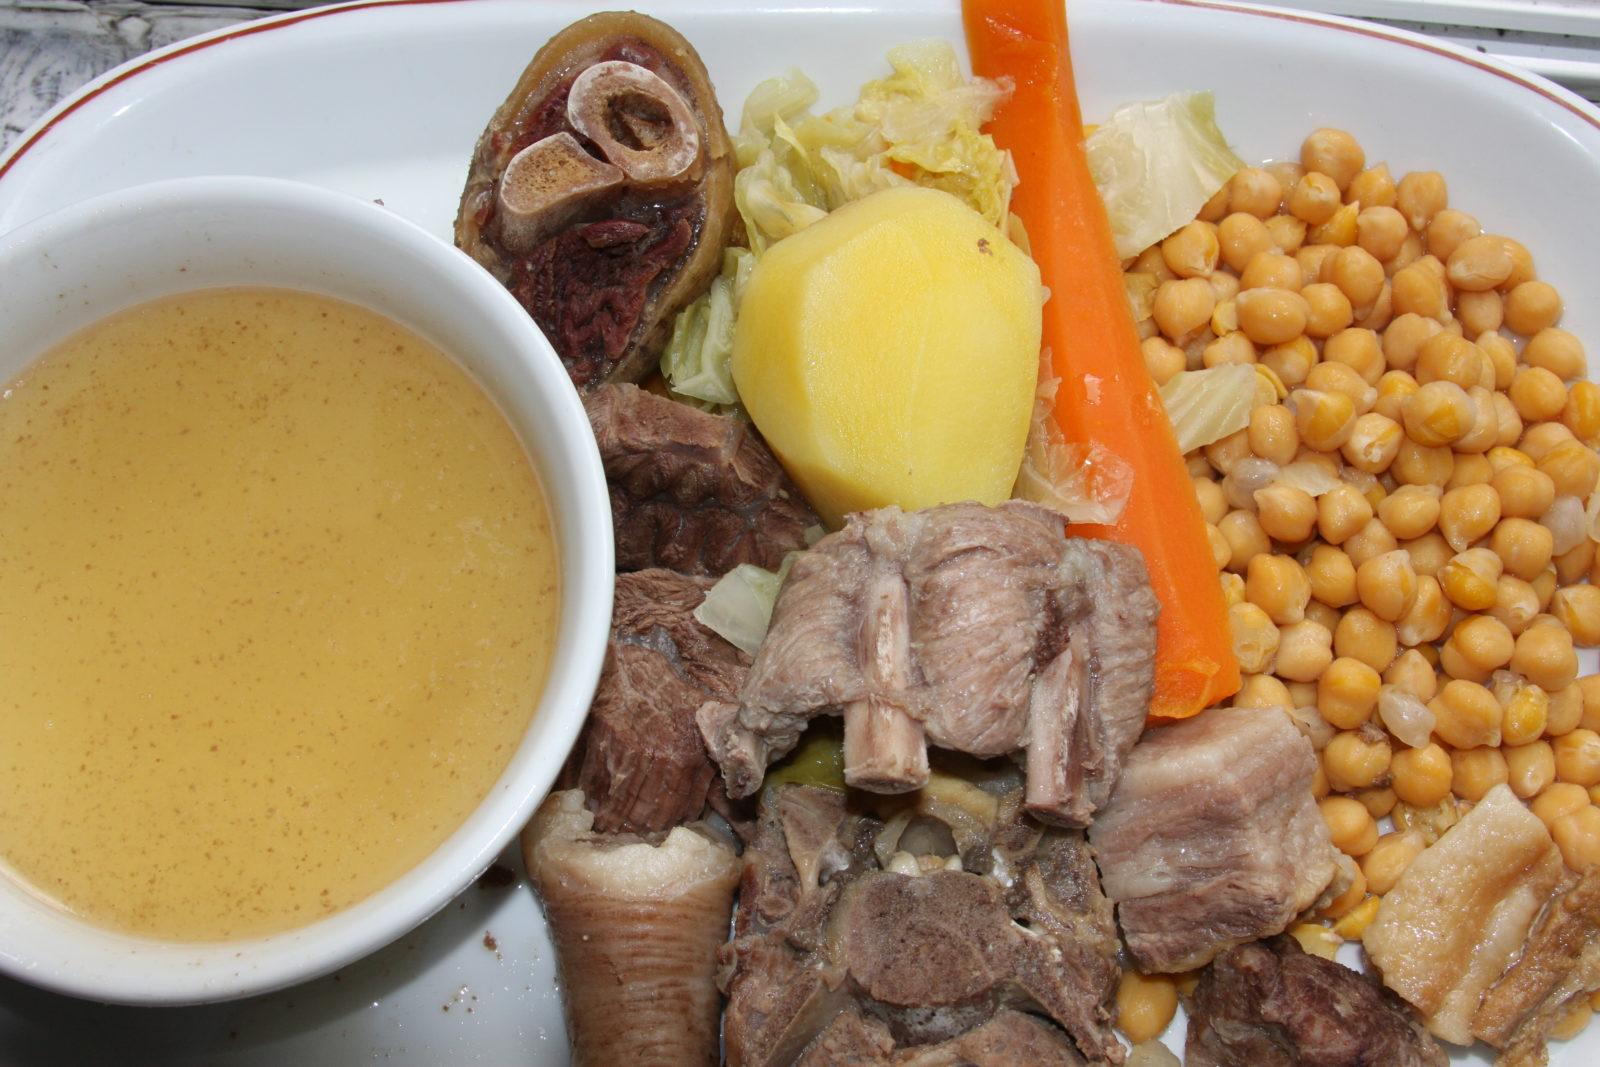 Cocido madrileño –жаркое по-мадридски. Подается в три захода. Сначала бульон, затем тушеное мясо различных видов: говядина, свинина, кусочки цыплёнка, и турецкий горох с колбасками.